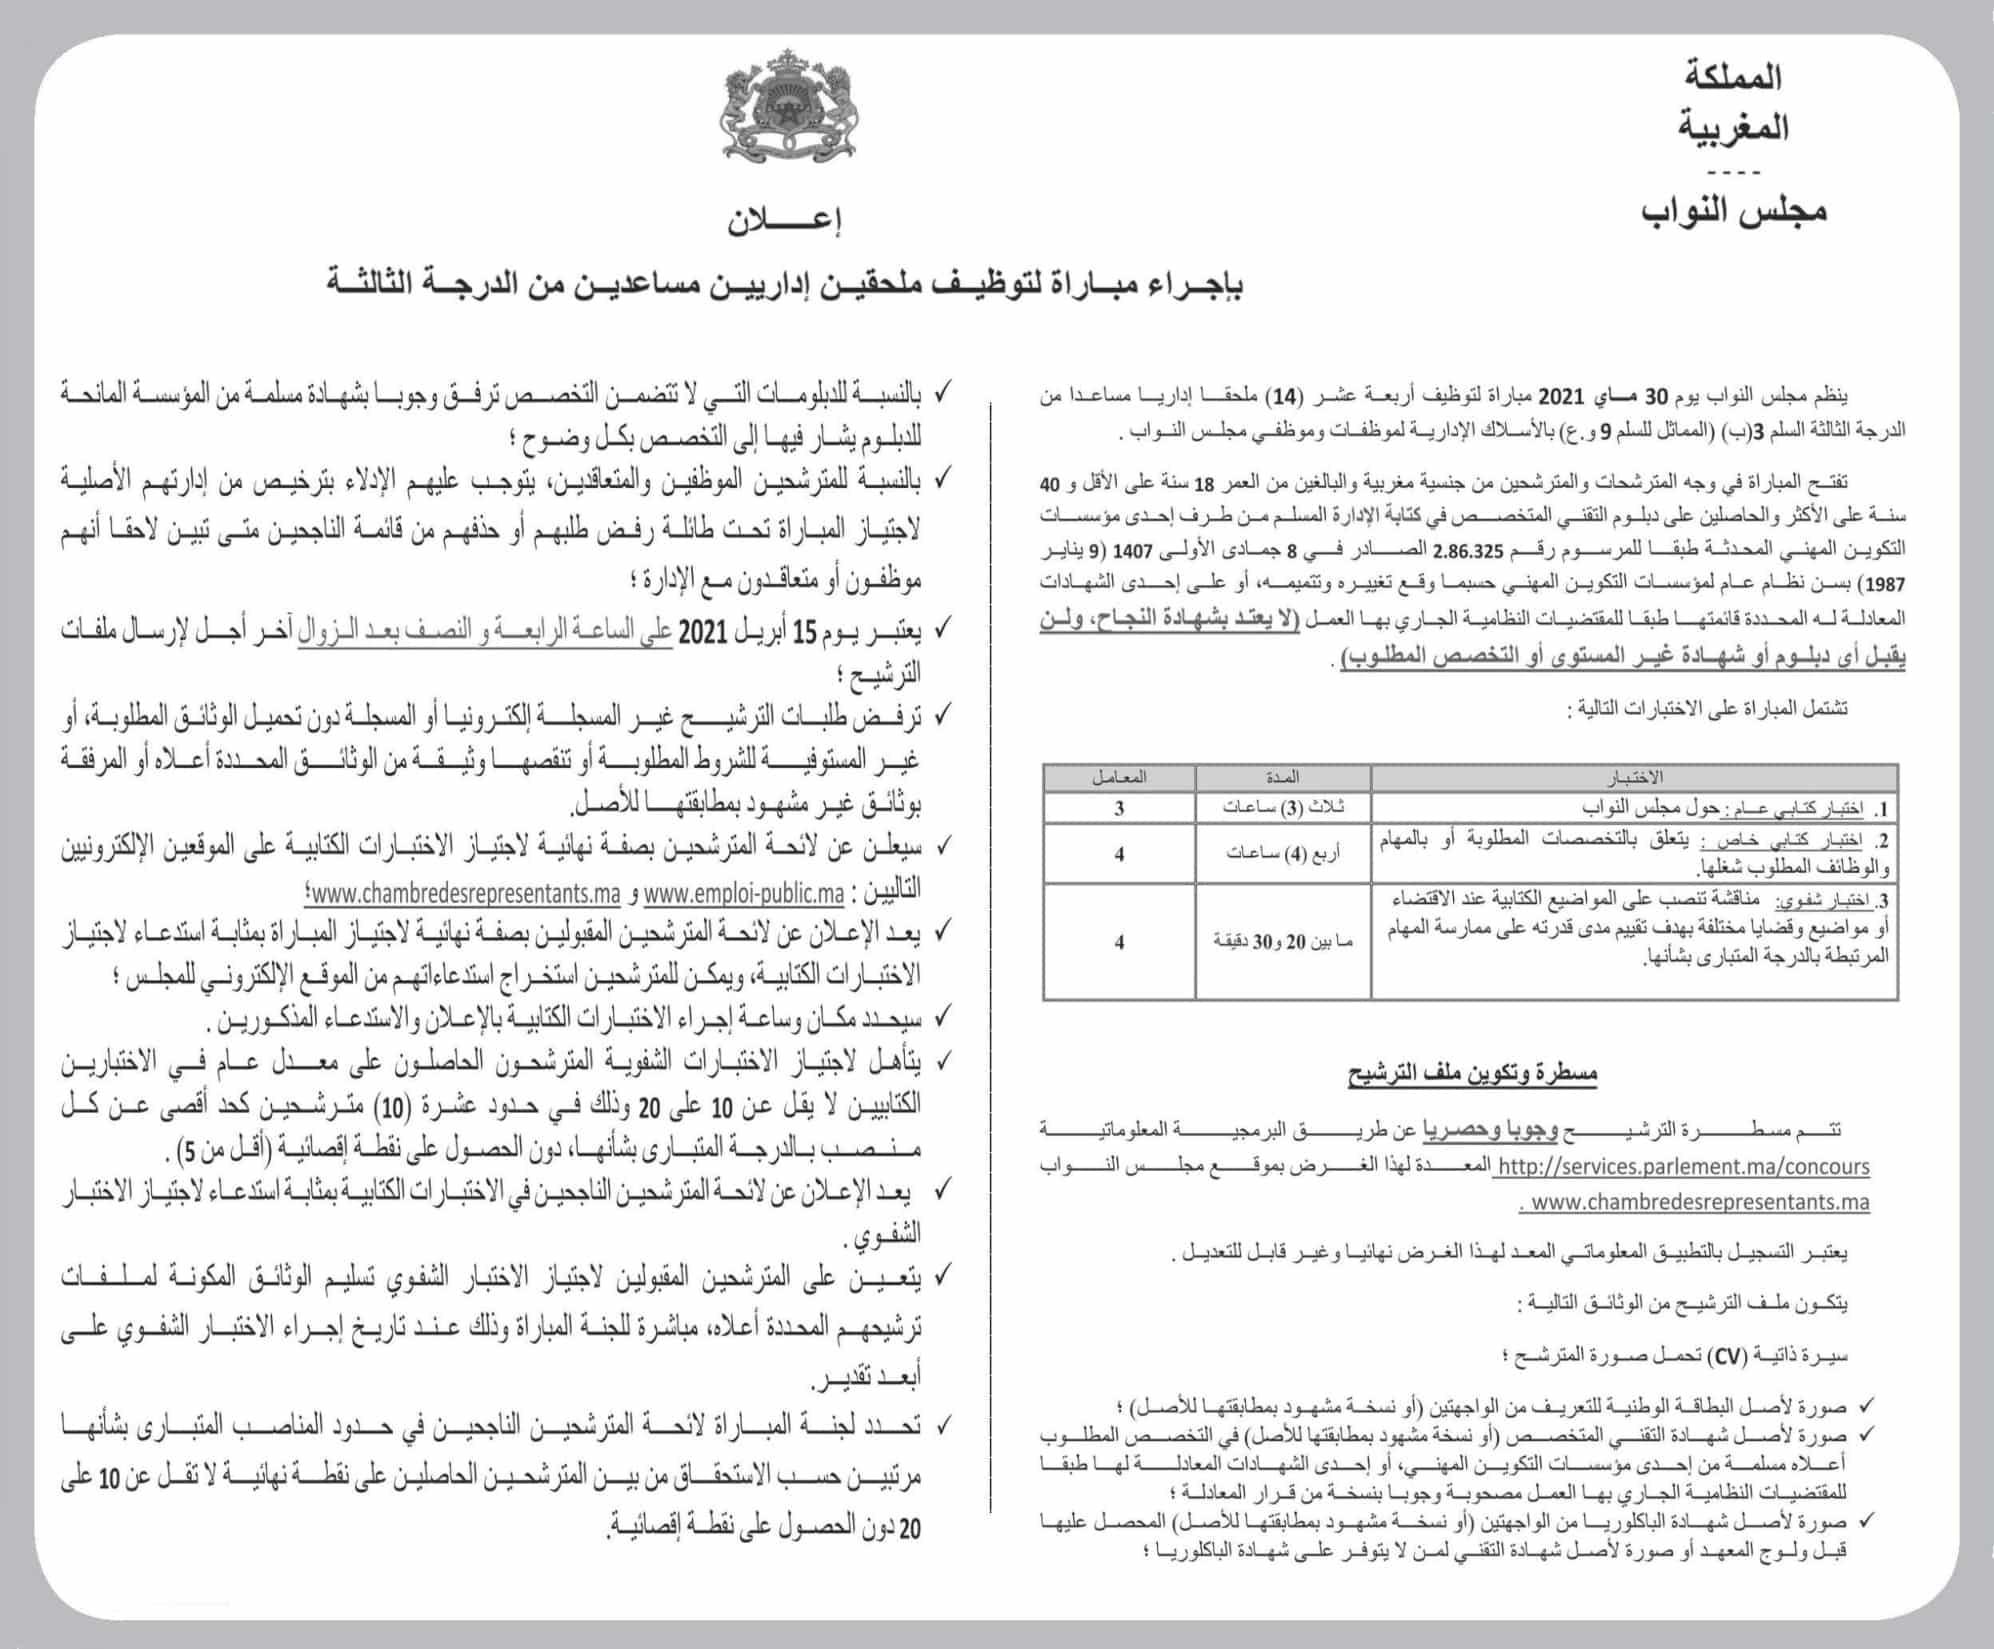 avis de concours pdf chambre representants 2021 5 Résultats Concours Chambre des Représentants 2021 (52 Postes)